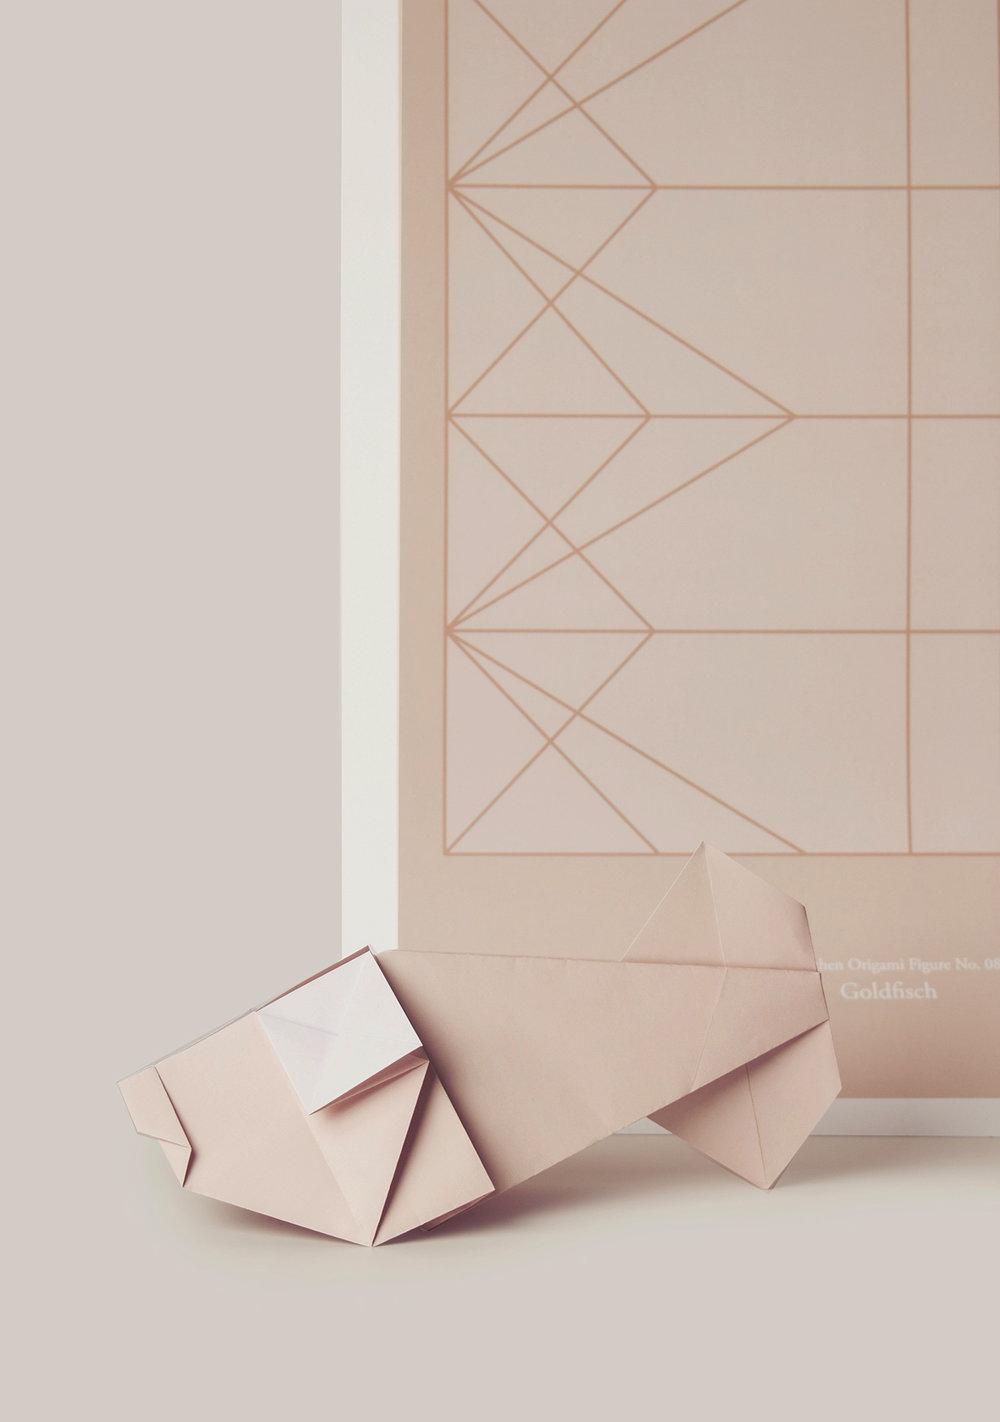 Origami Figur Goldfisch mit passendem Print  Origami figure Goldfish with adequate print